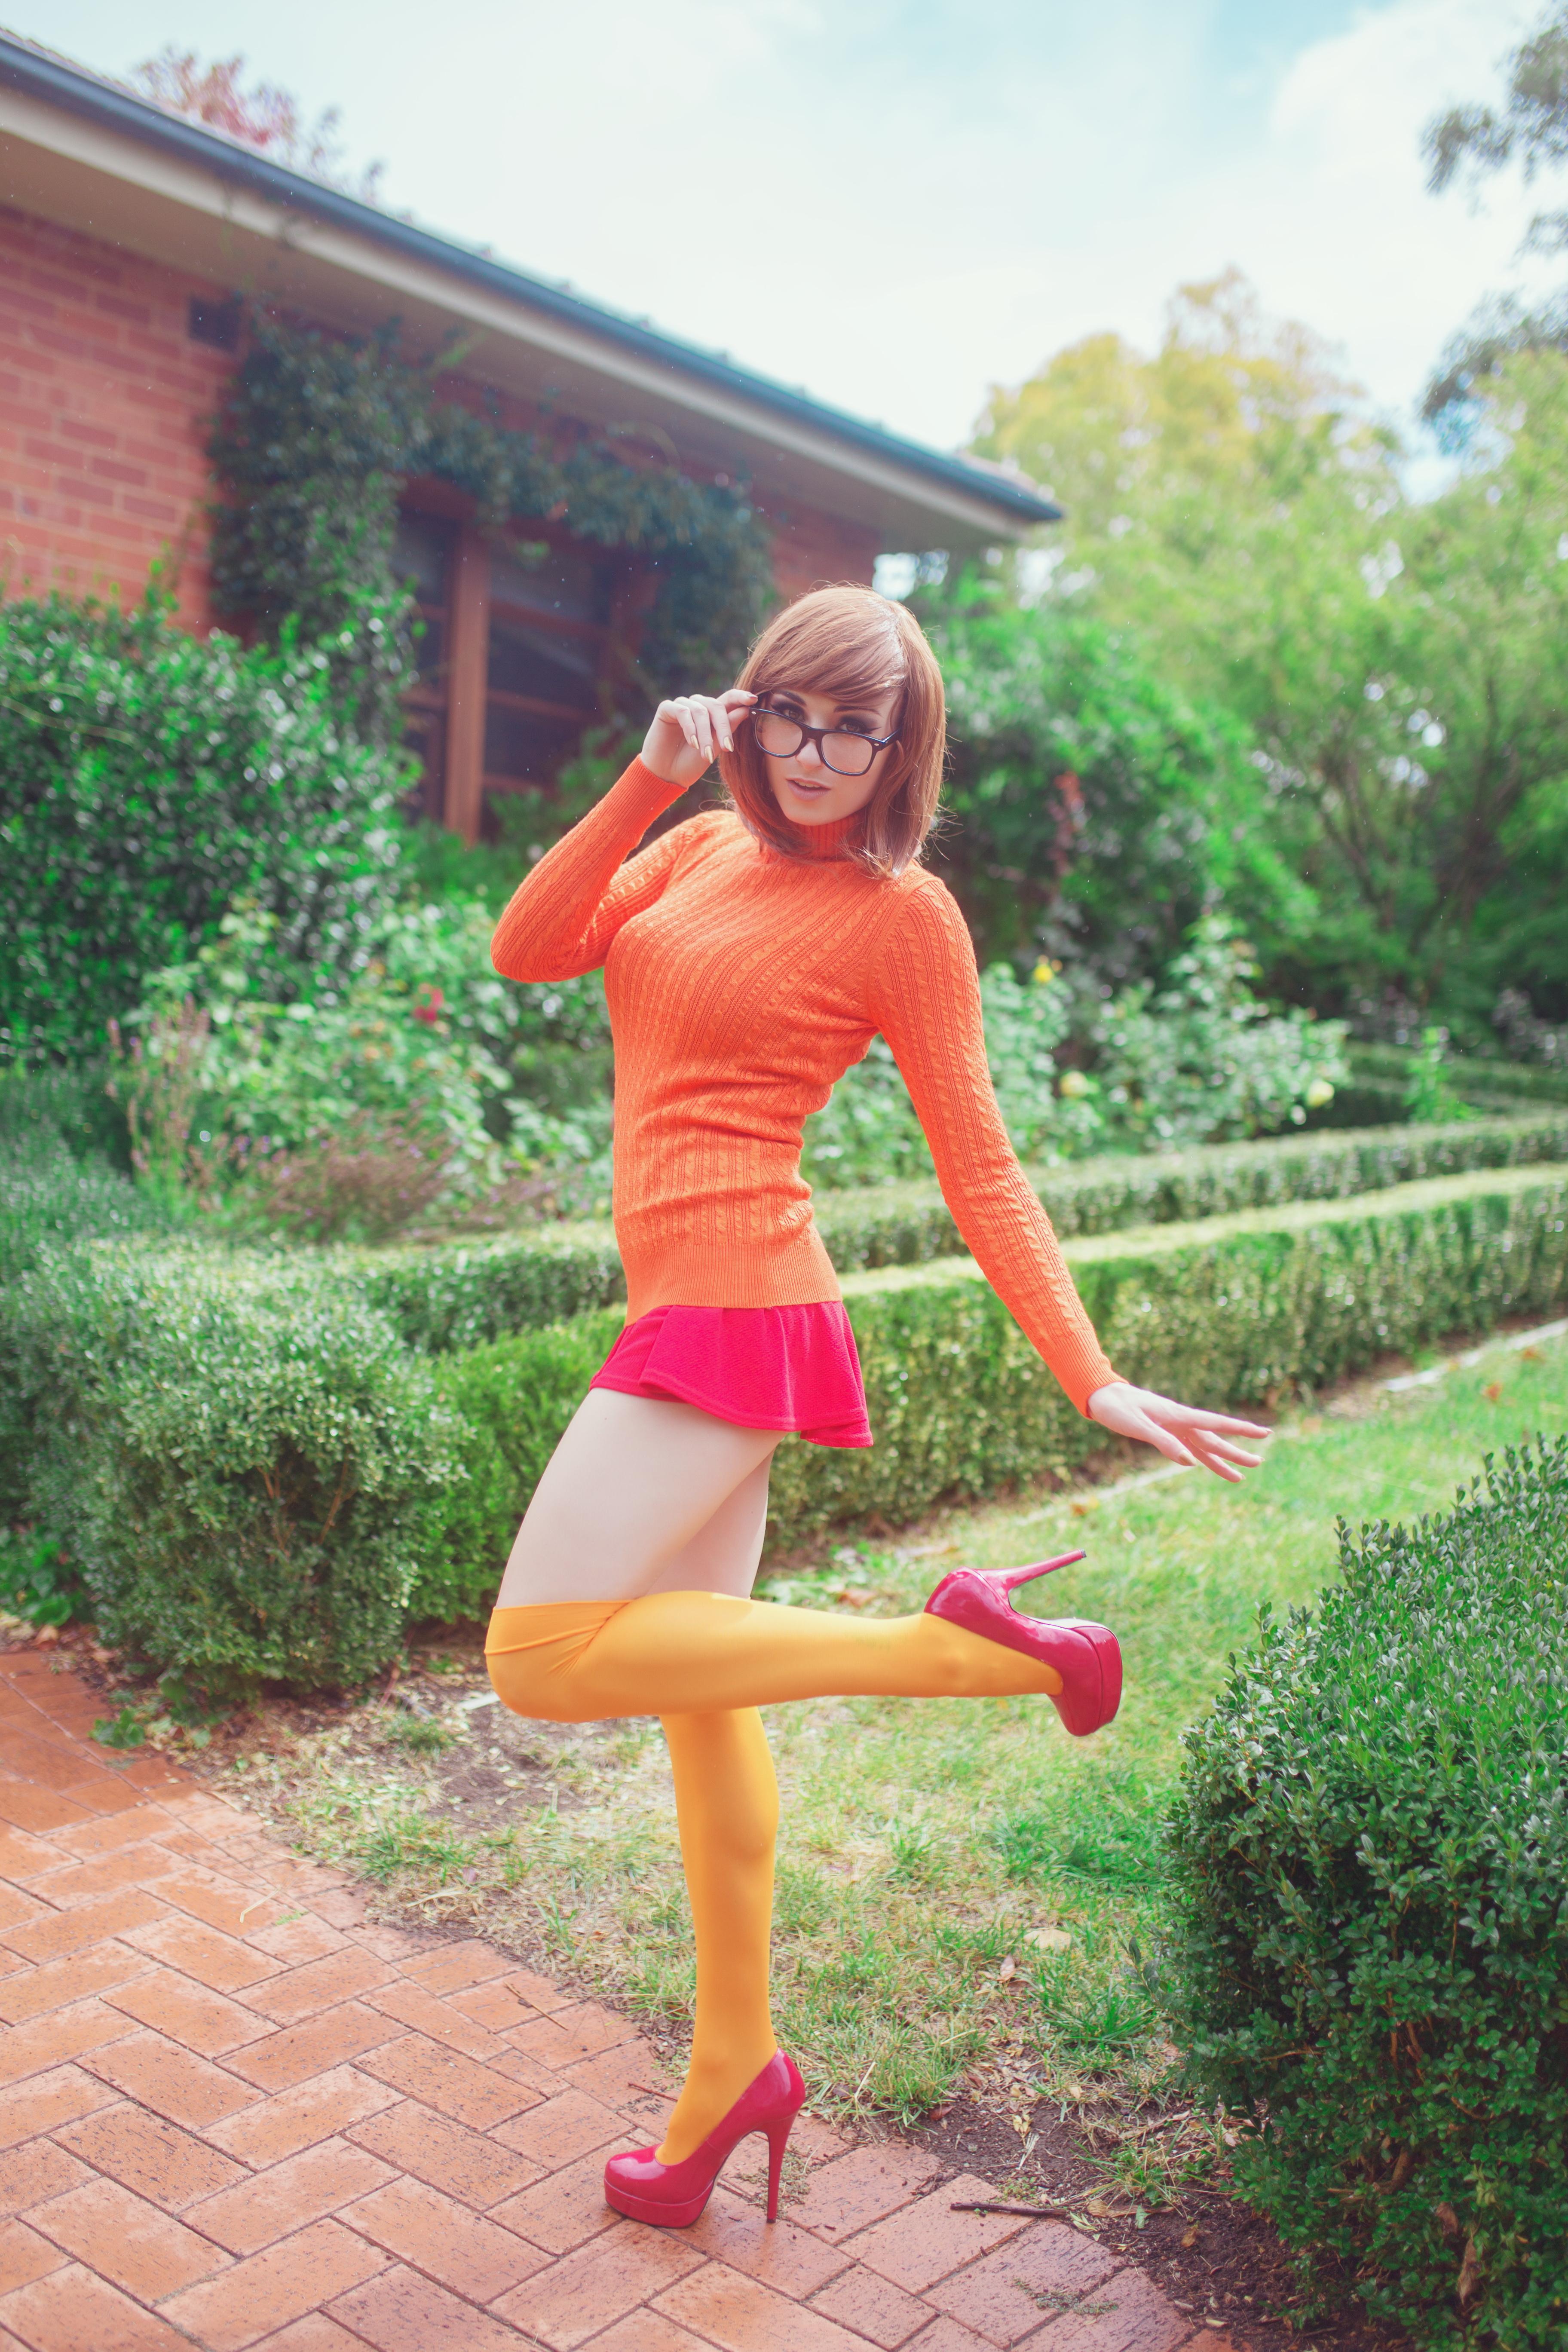 Wallpaper  Kayla Erin, Model, Women Outdoors, Cosplay, Scooby Doo, Velma Dinkley -2437